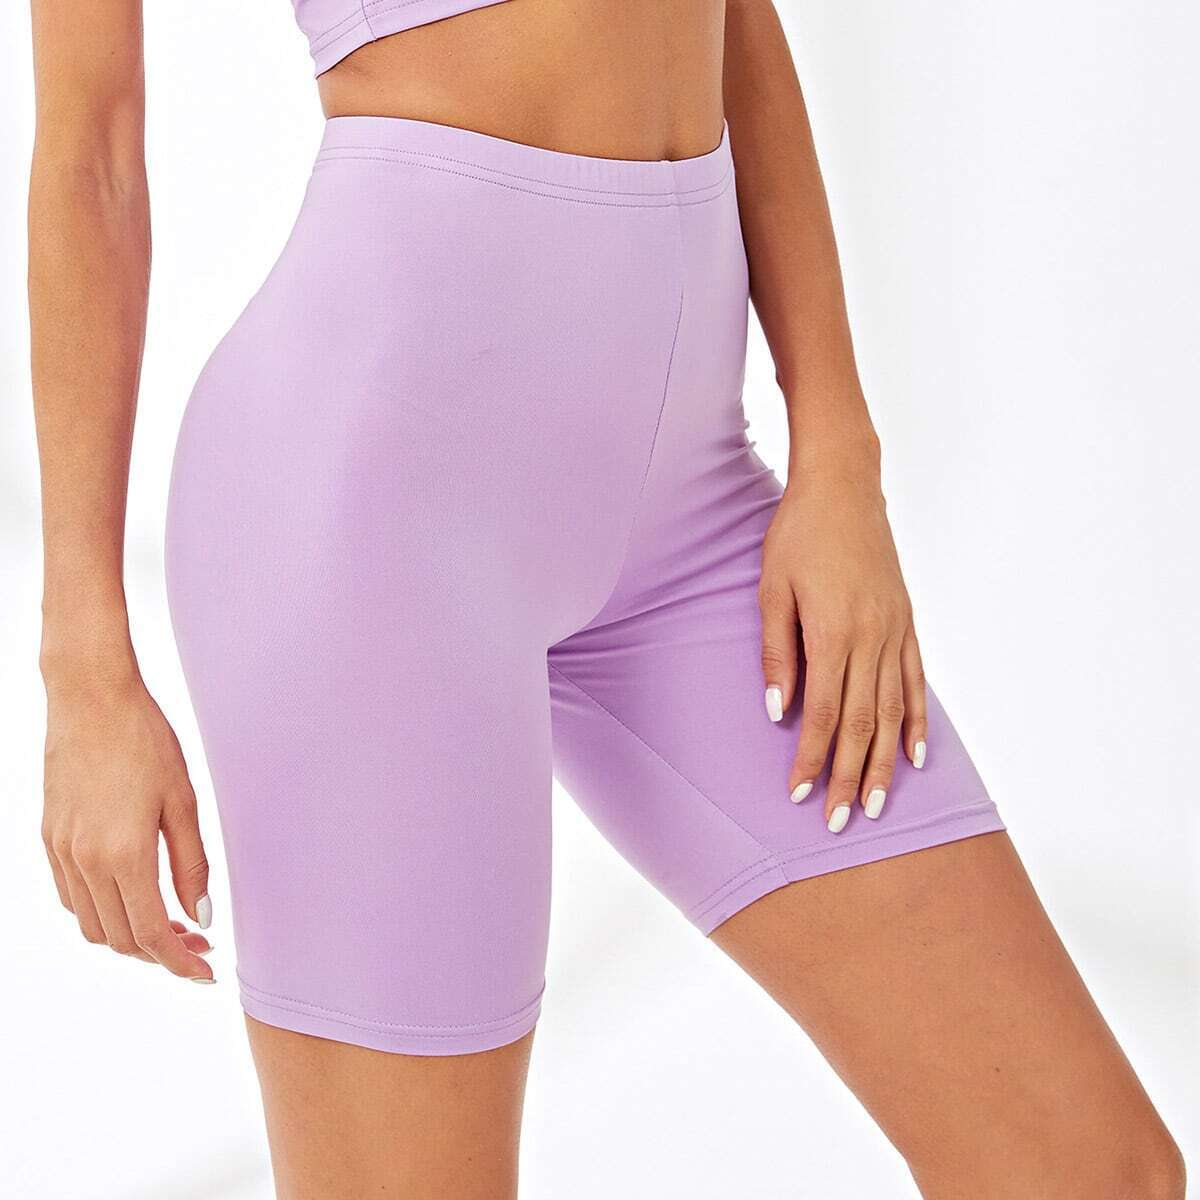 - Solid Skinny Legging Shorts